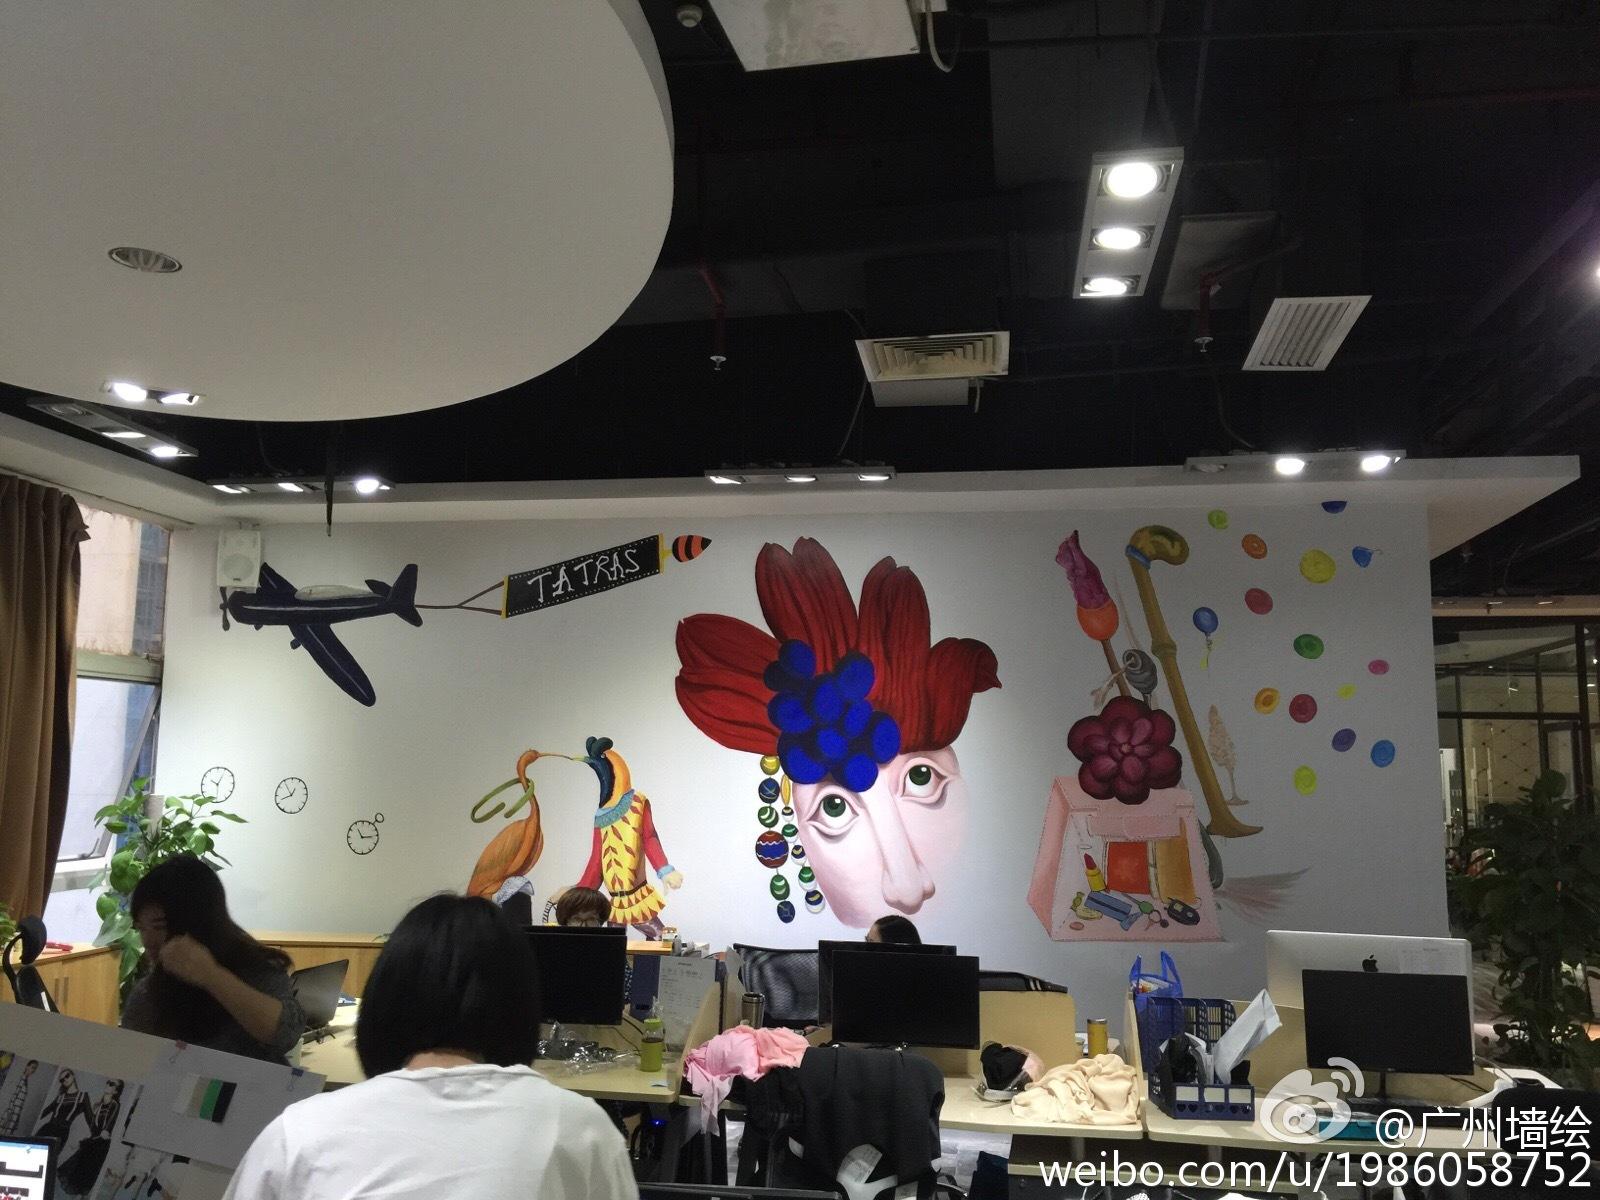 广州墙绘手绘墙公司背景图墙绘案例